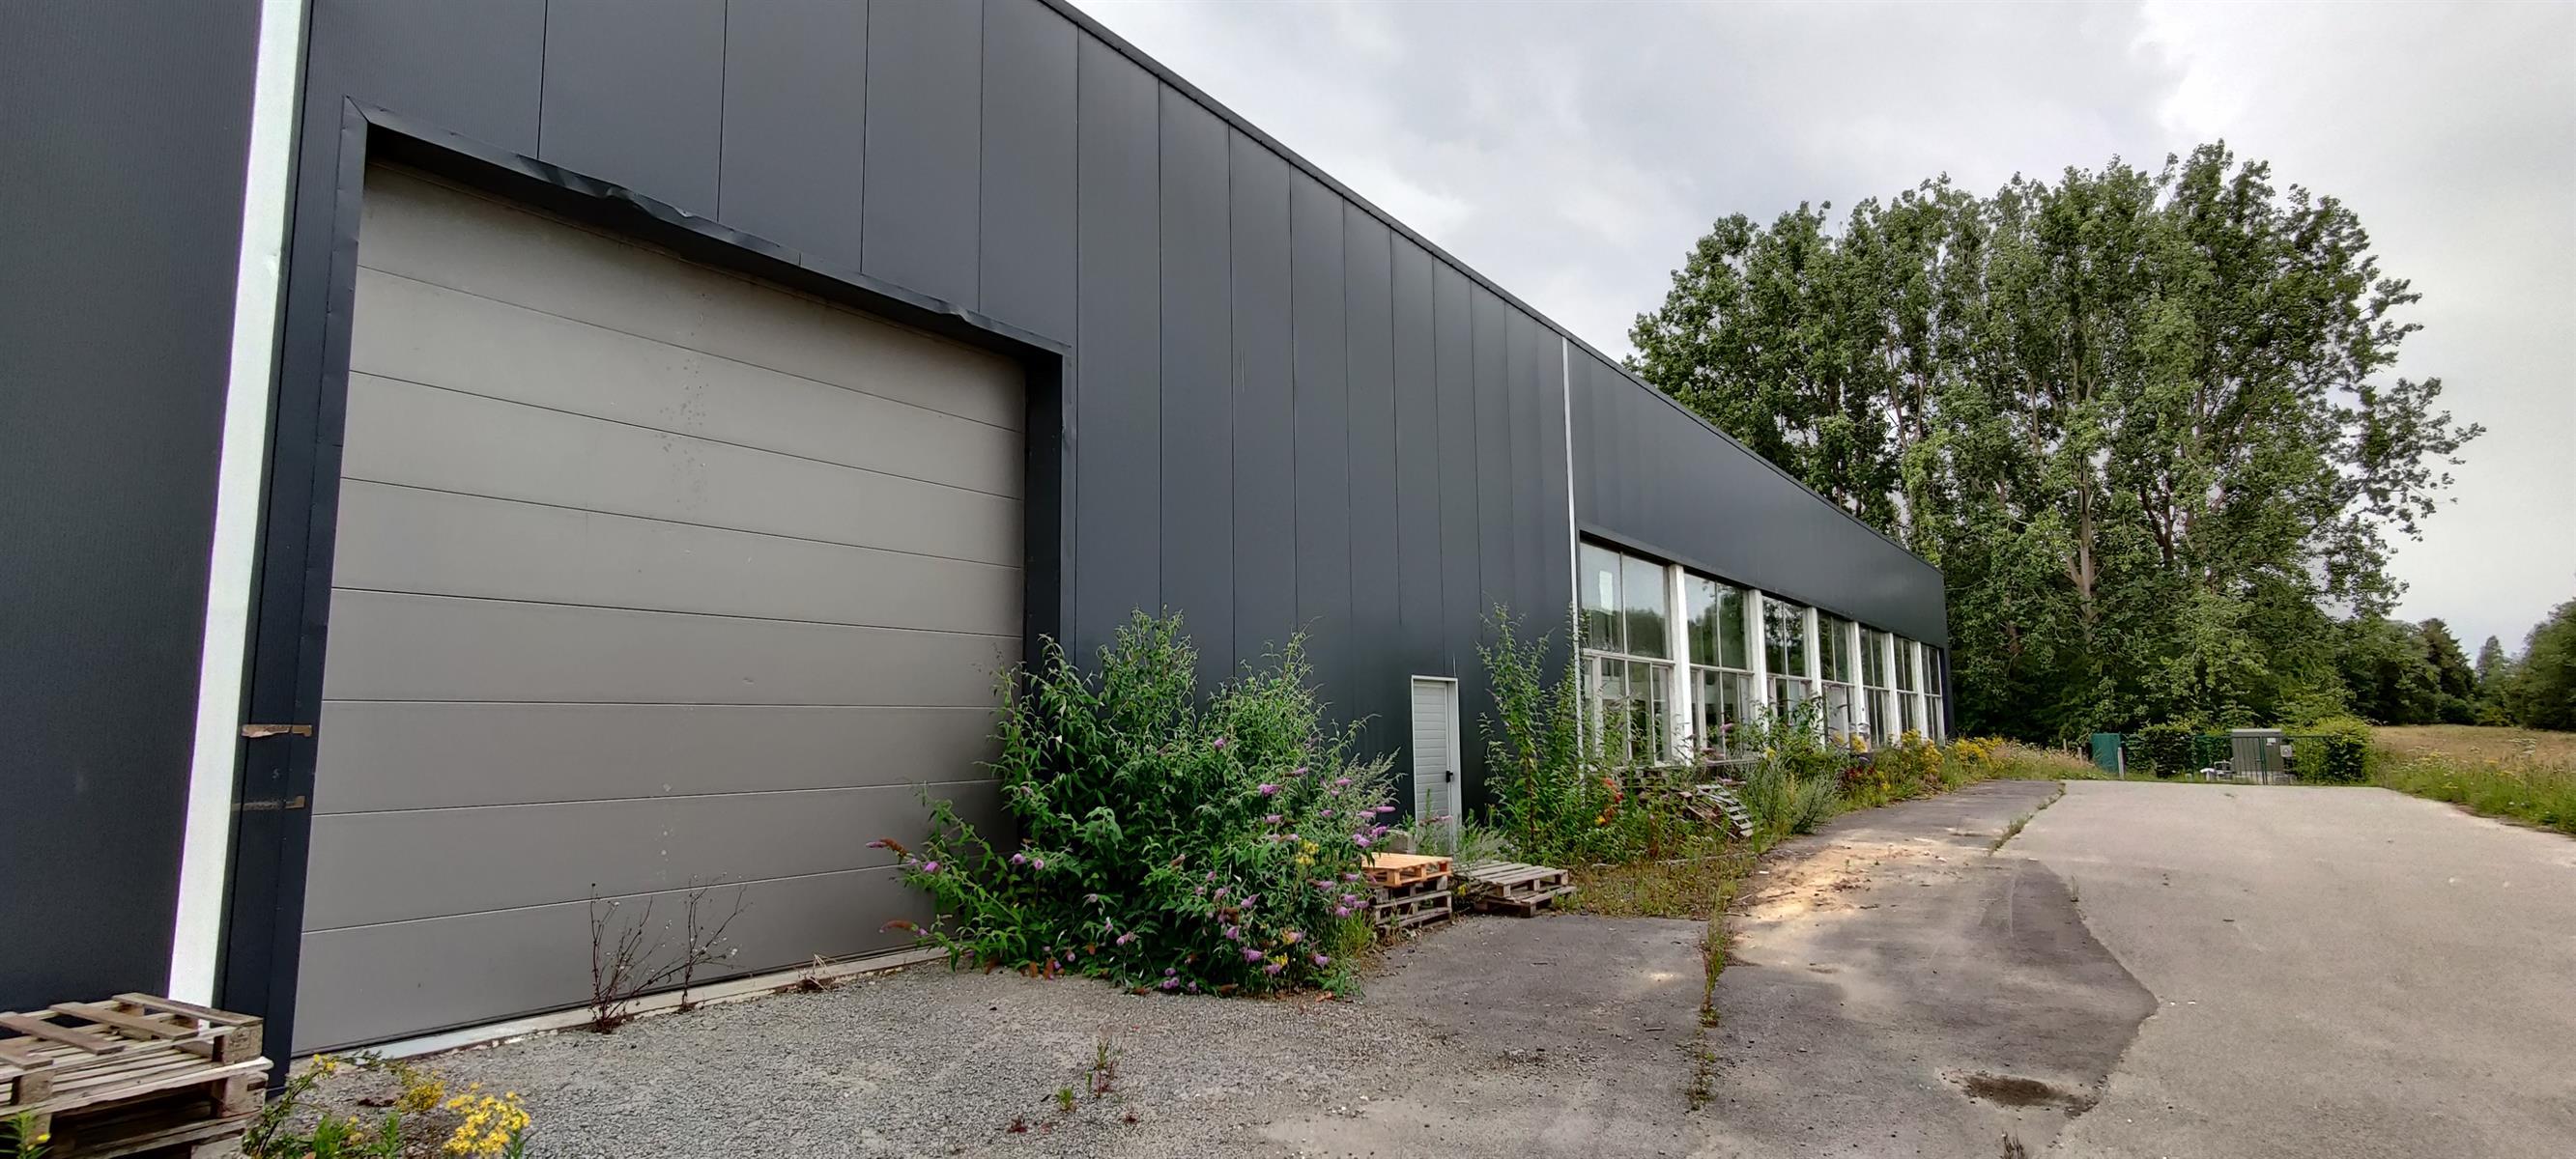 gebouw voor gemengd gebruik te huur I158 Lumbeekstraat 38